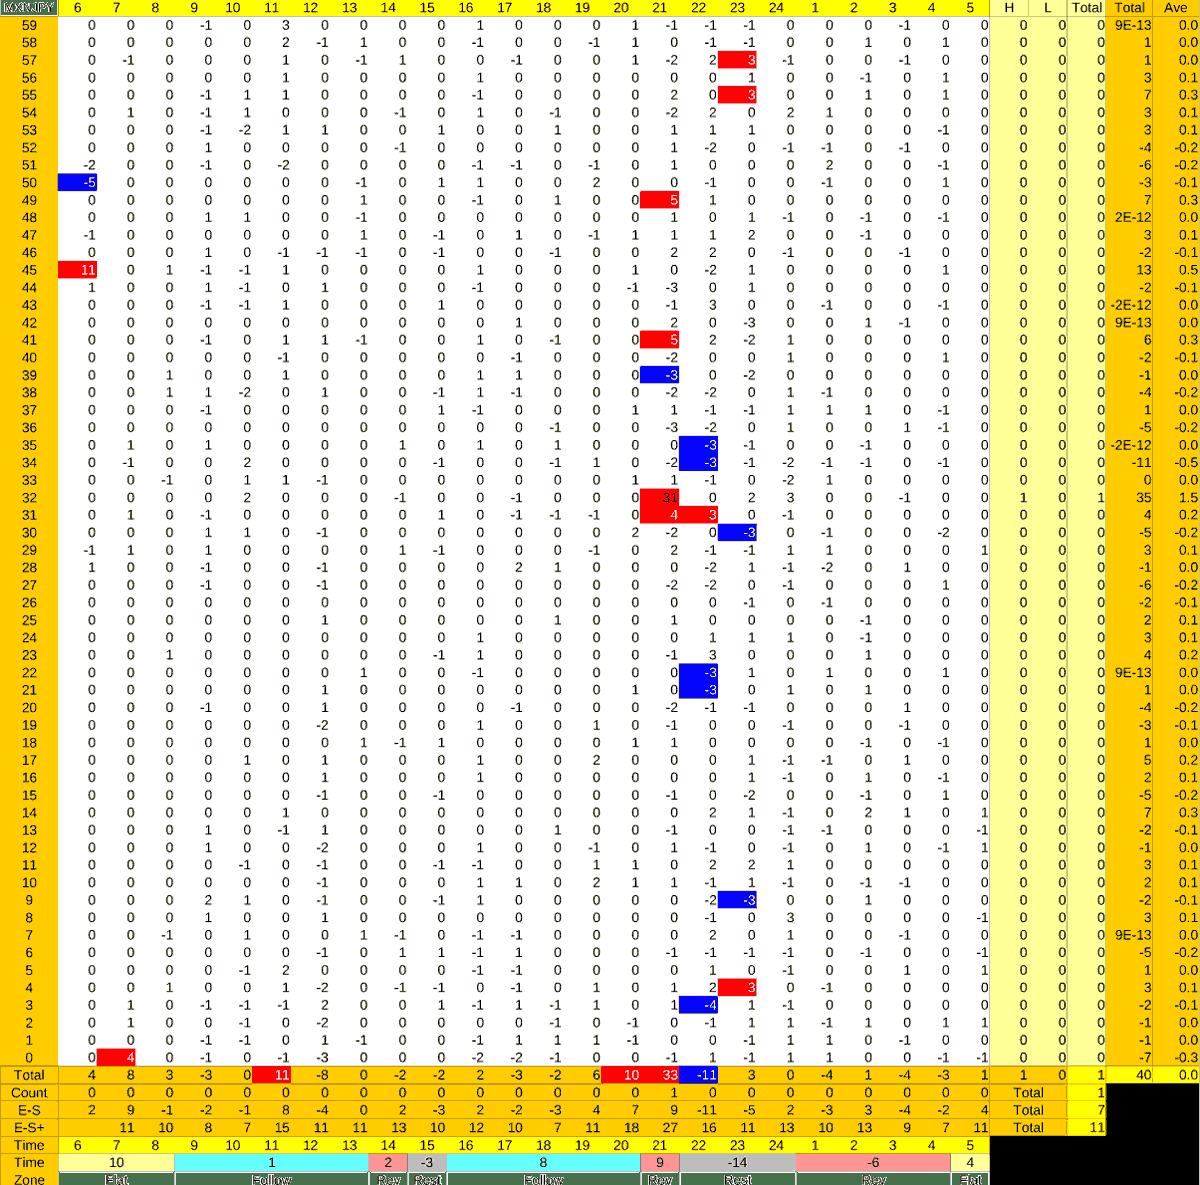 20210903_HS(3)MXNJPY-min